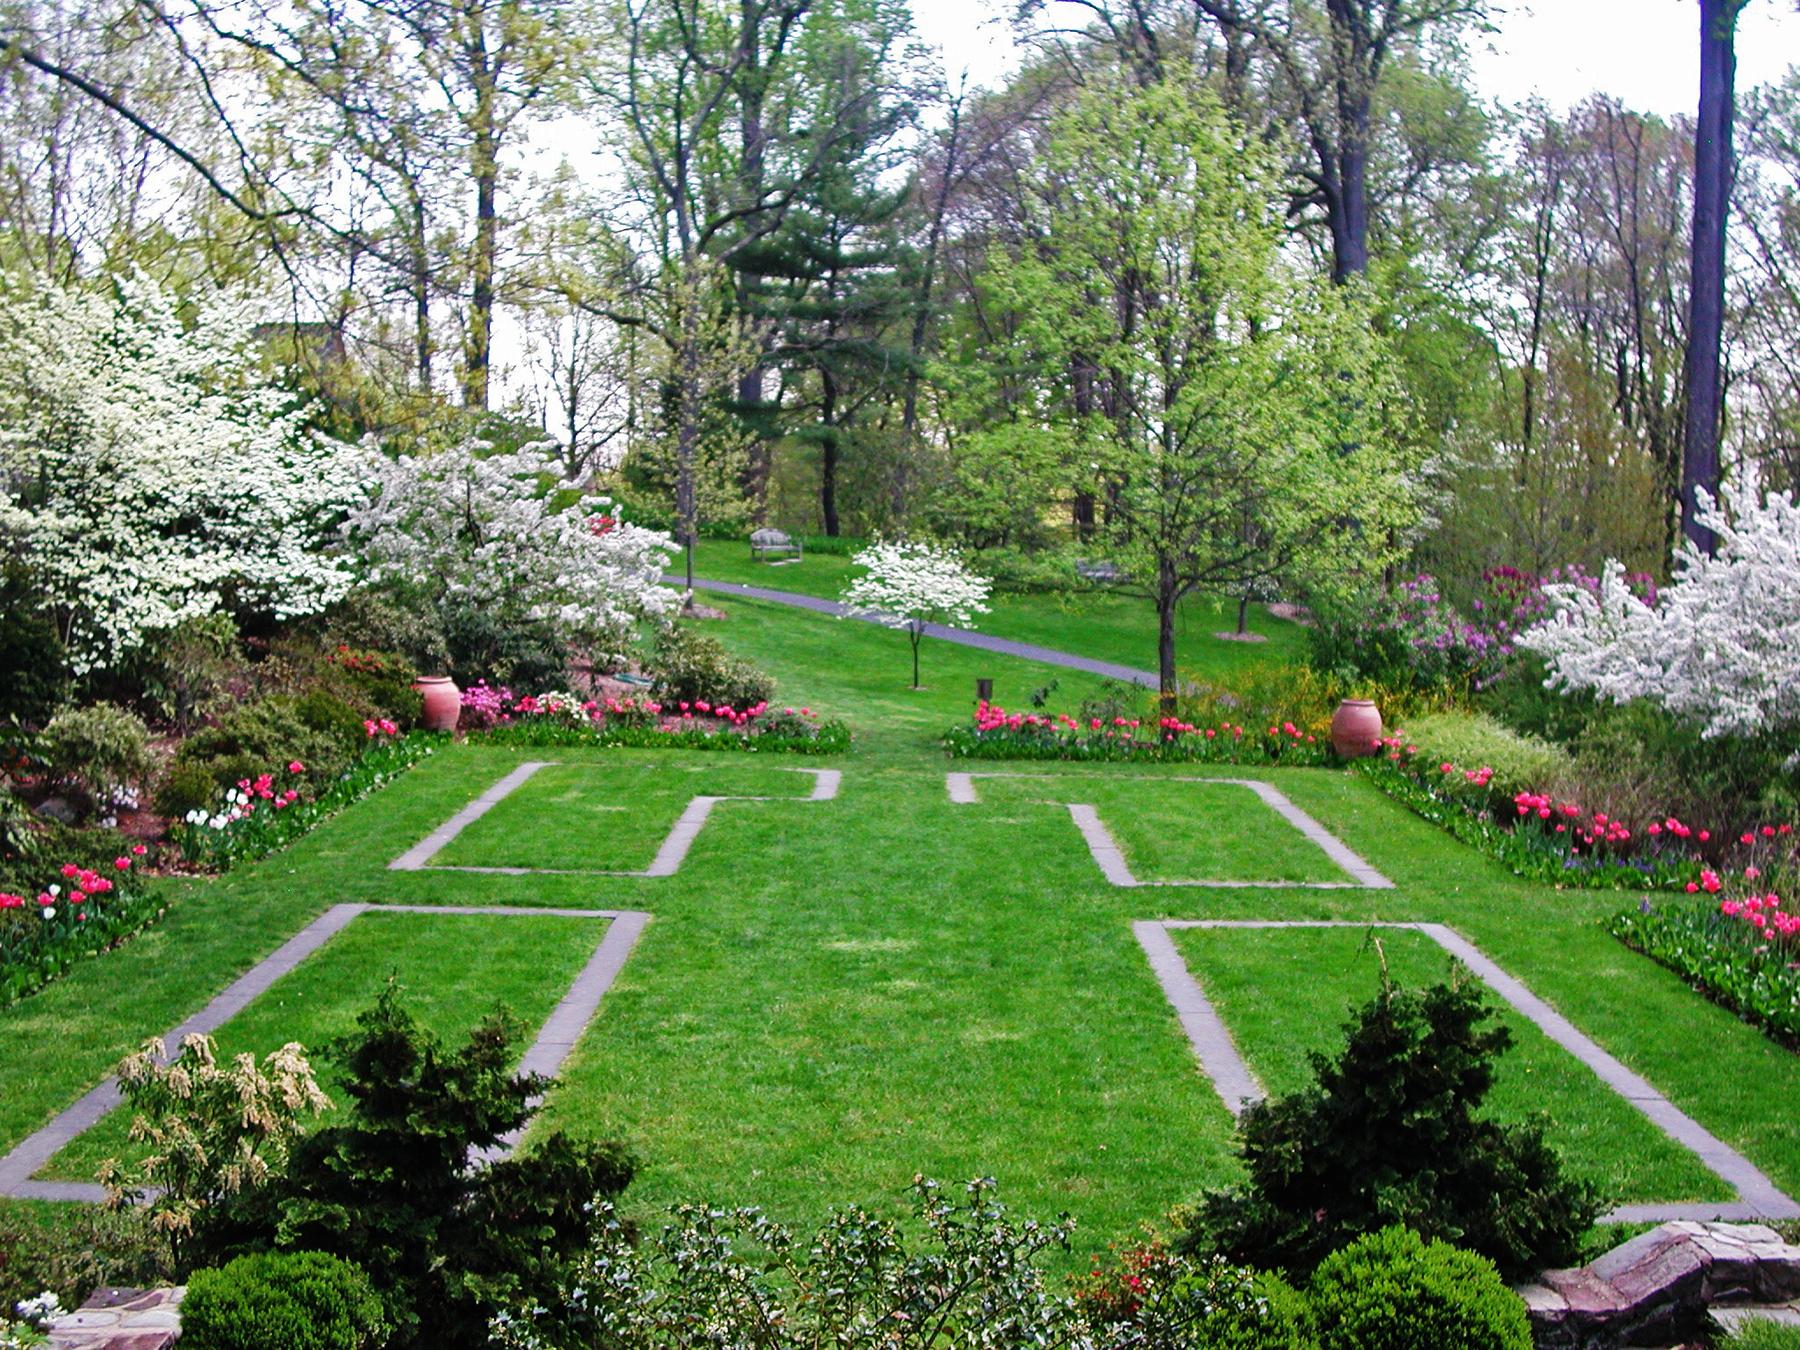 Reeves Reed Arboretum